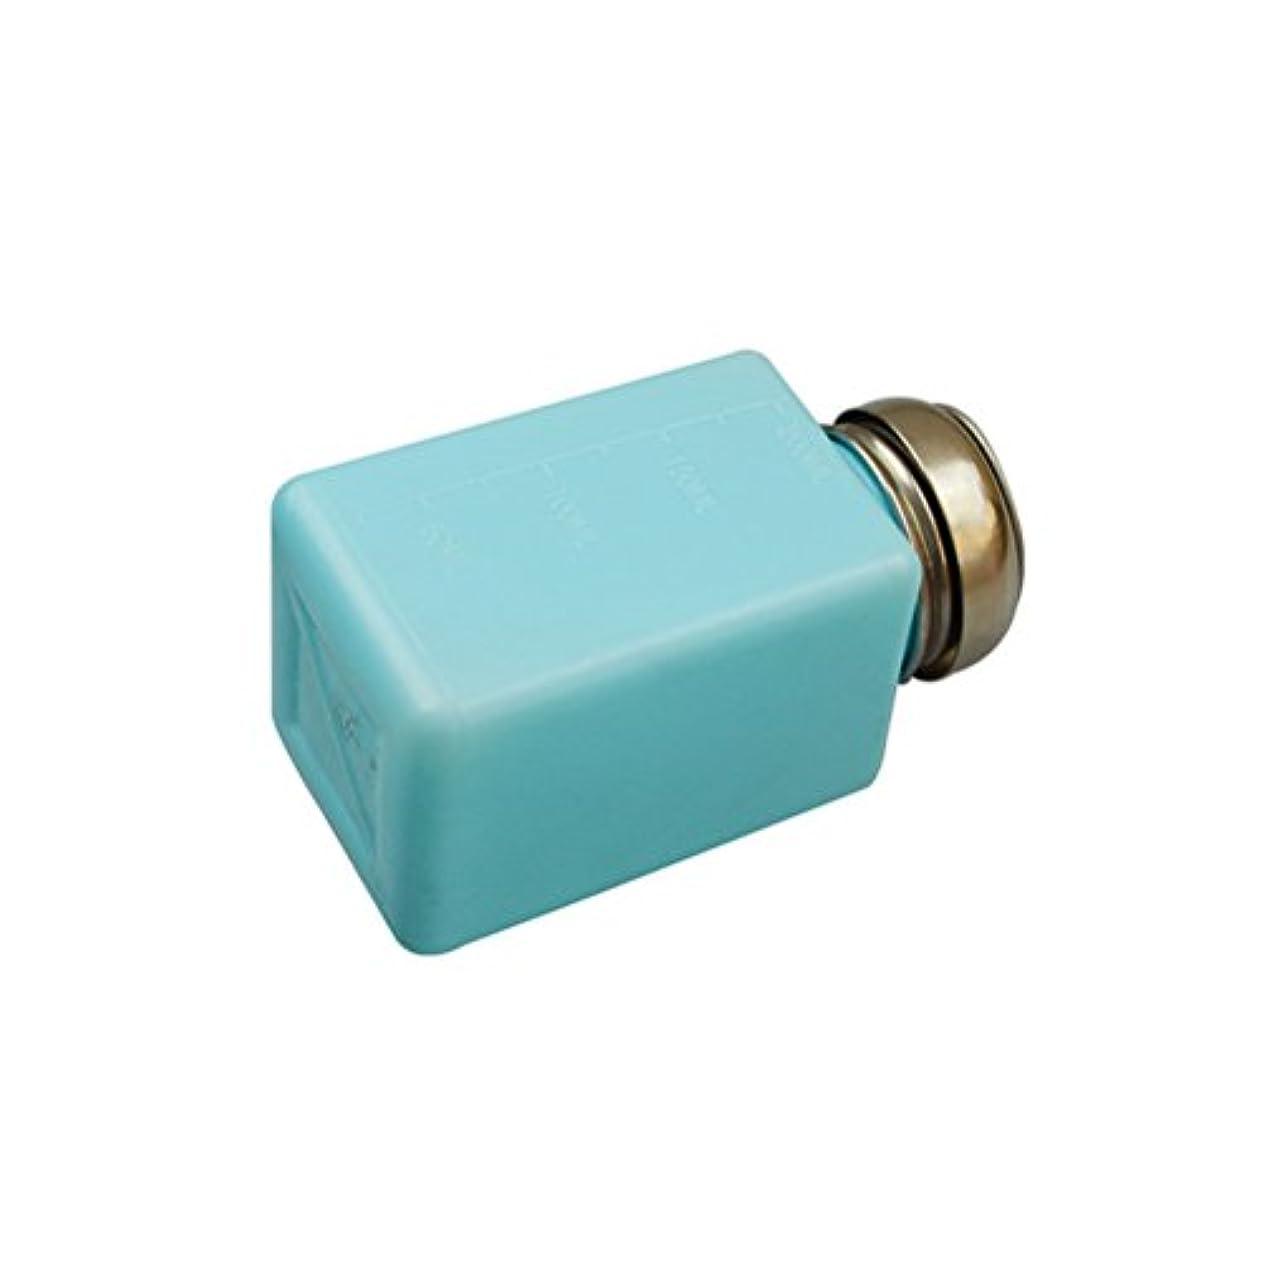 出会いページ不安定なBESTOMZ アルコールボトル 便利 クレンジングオイル 小分け容器 静電防止 200ML(青)